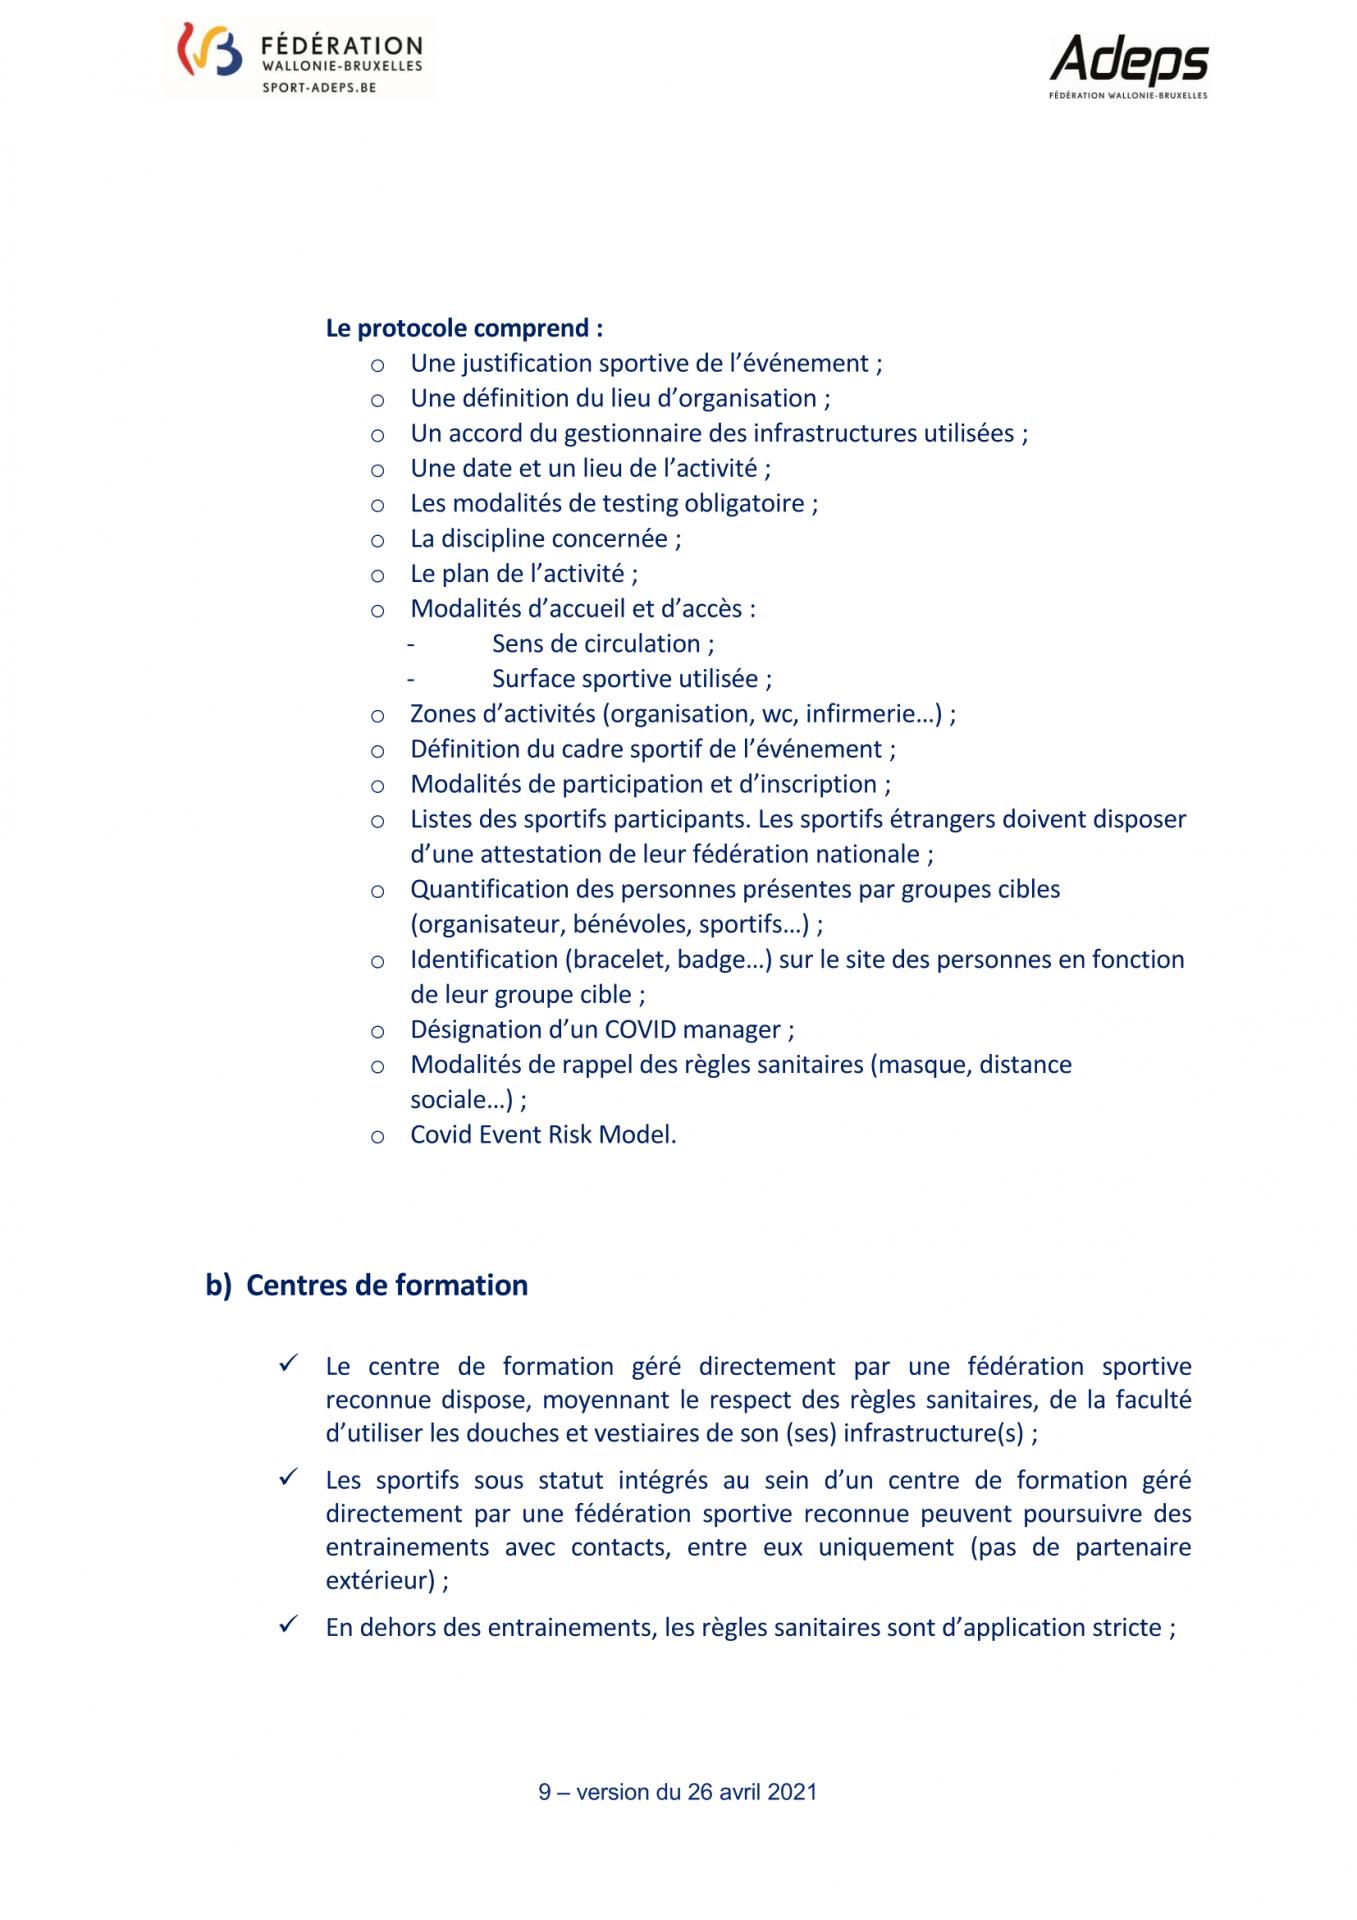 Protocole activites physiques et sportives 26 avril 2021 page 13